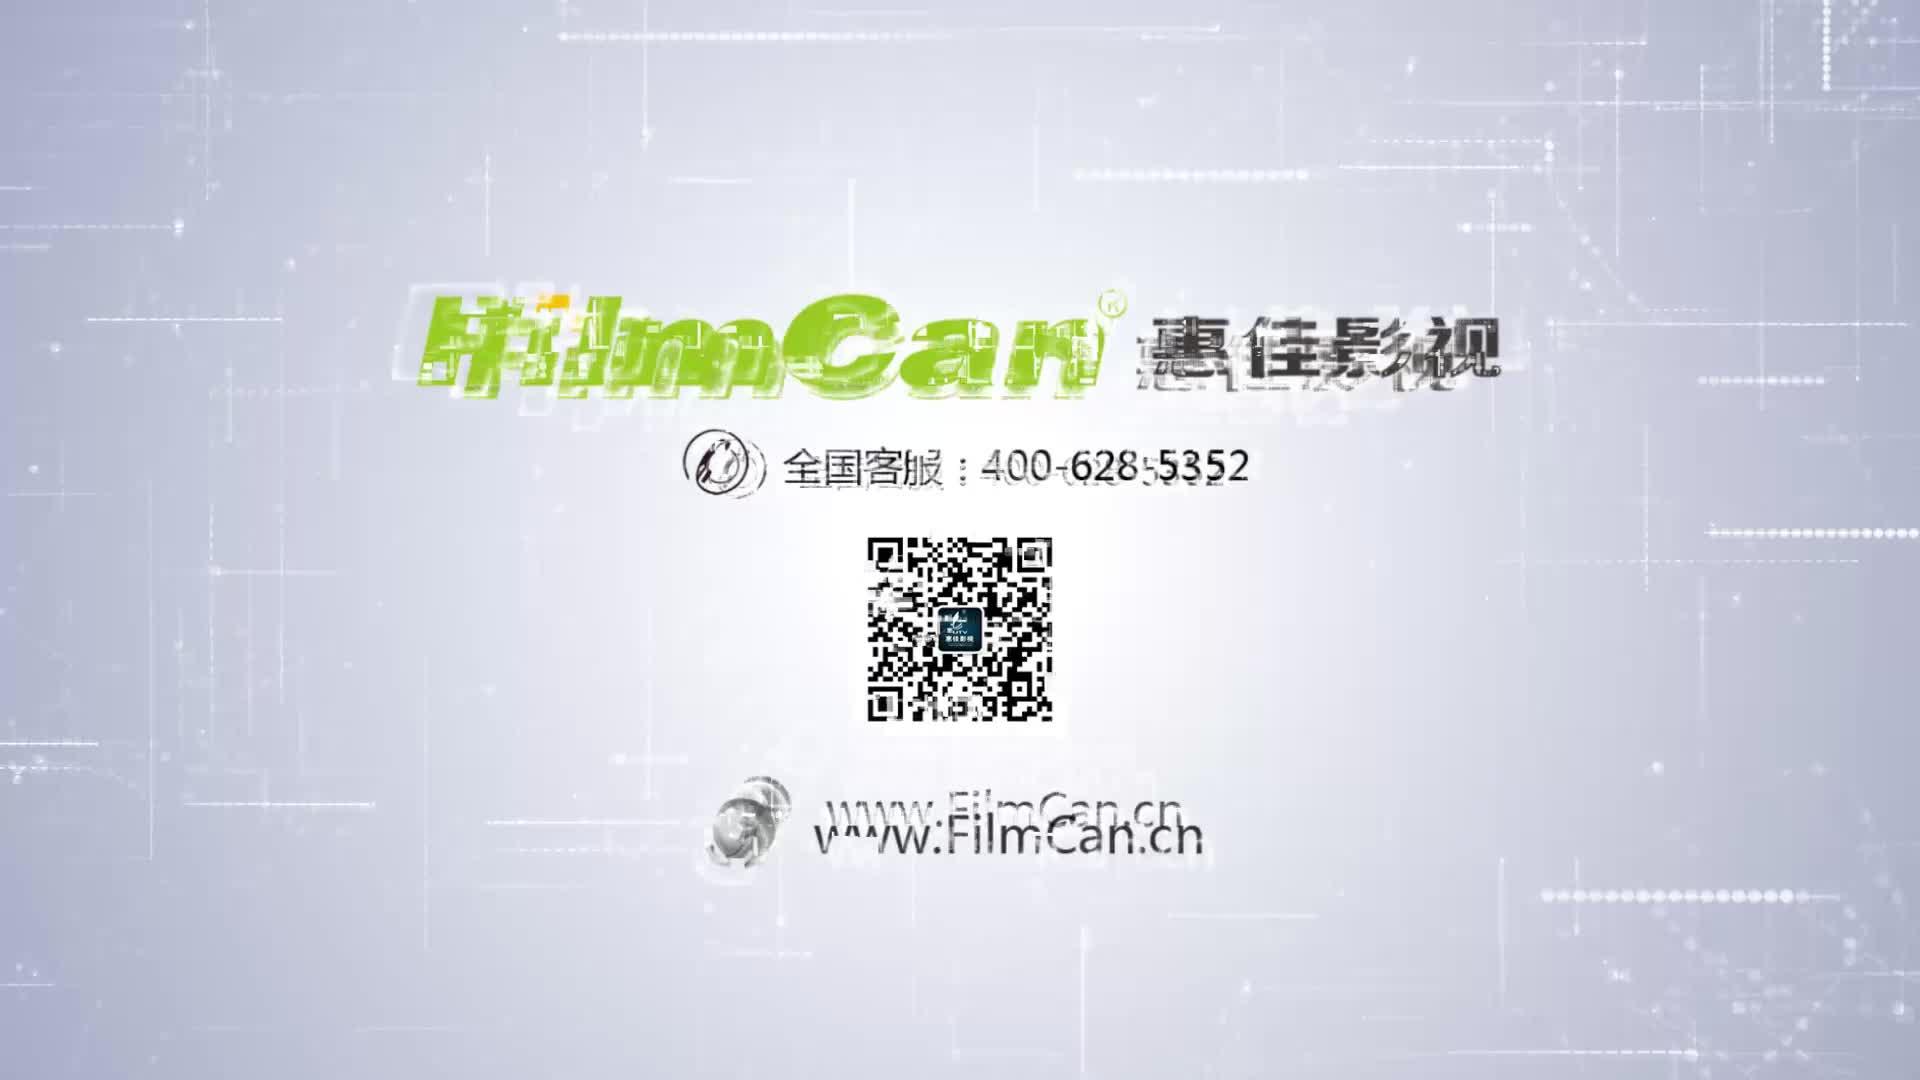 《创意点亮未来》惠佳传媒宣传片